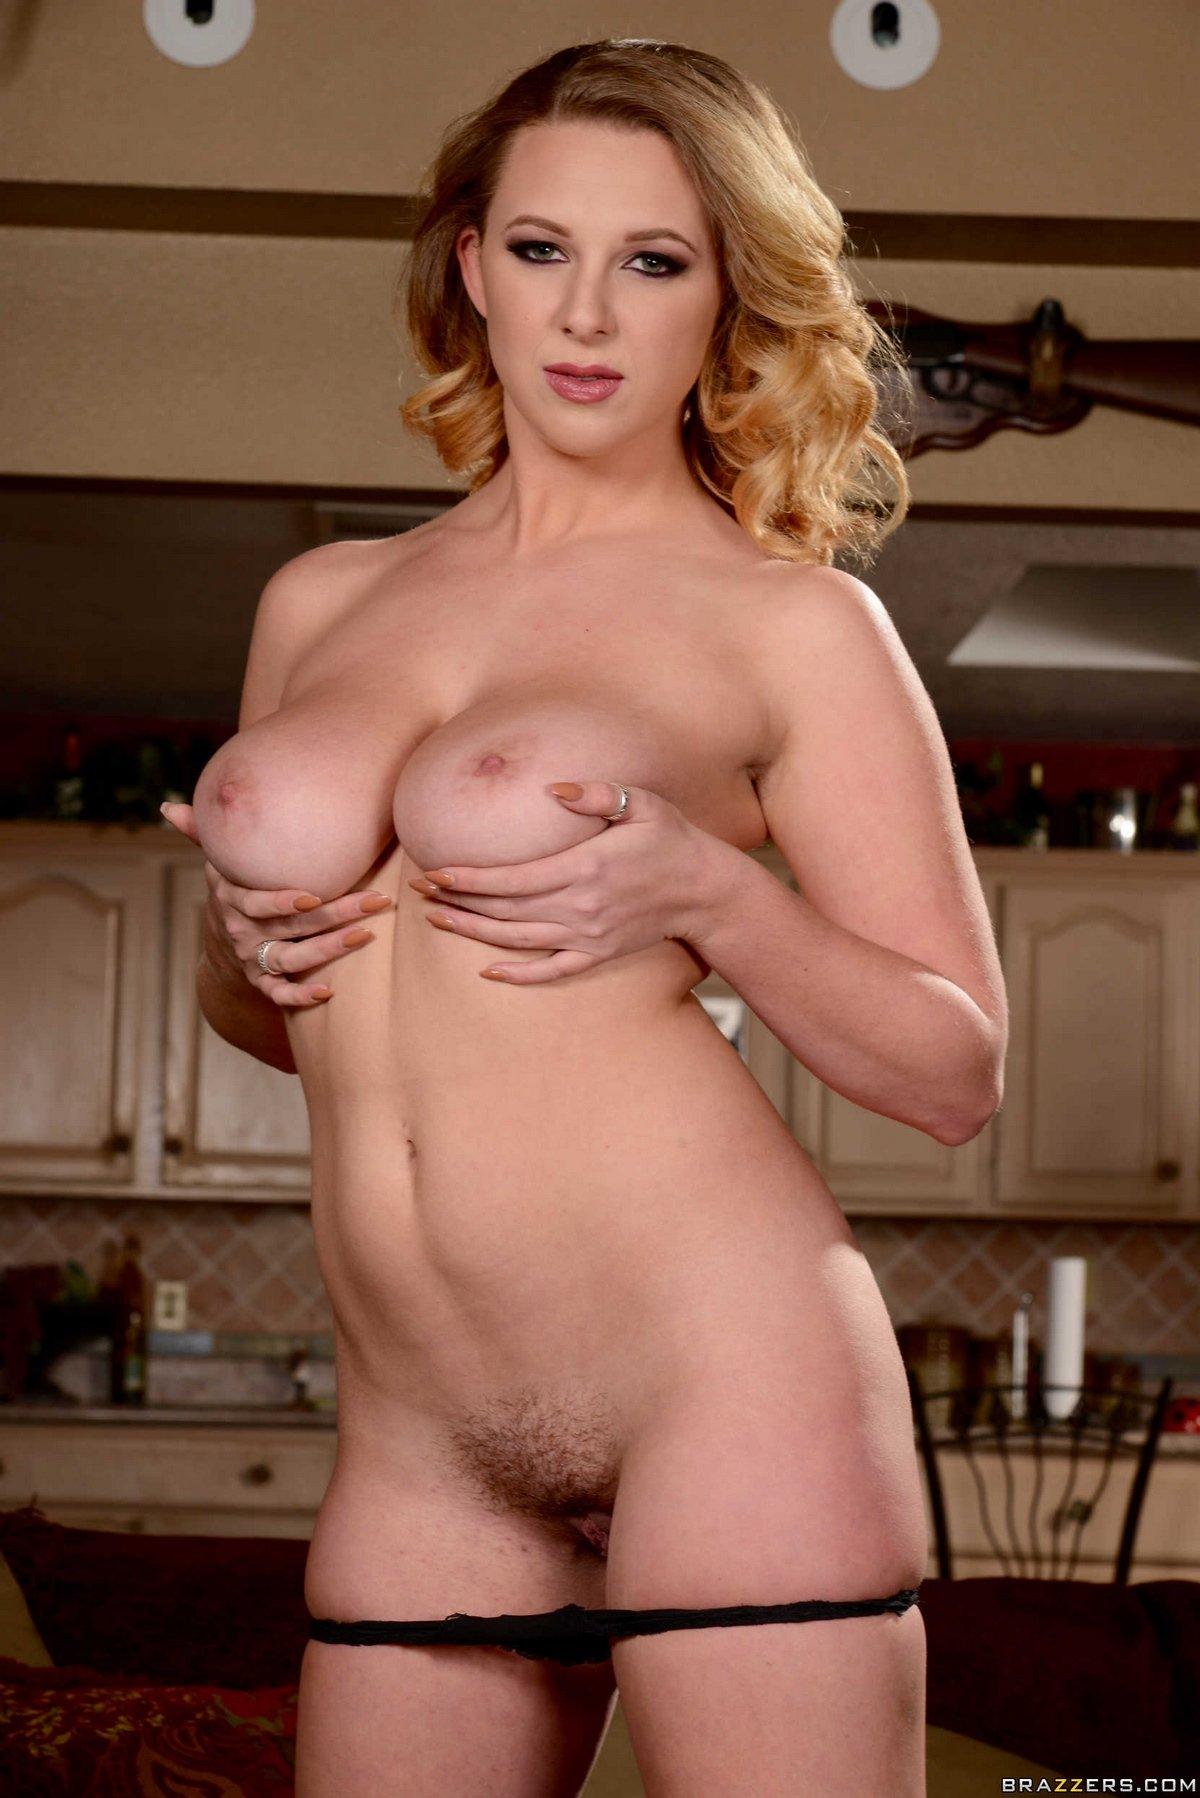 Эротика блондинки с великолепной фигурой и натуральными дойками